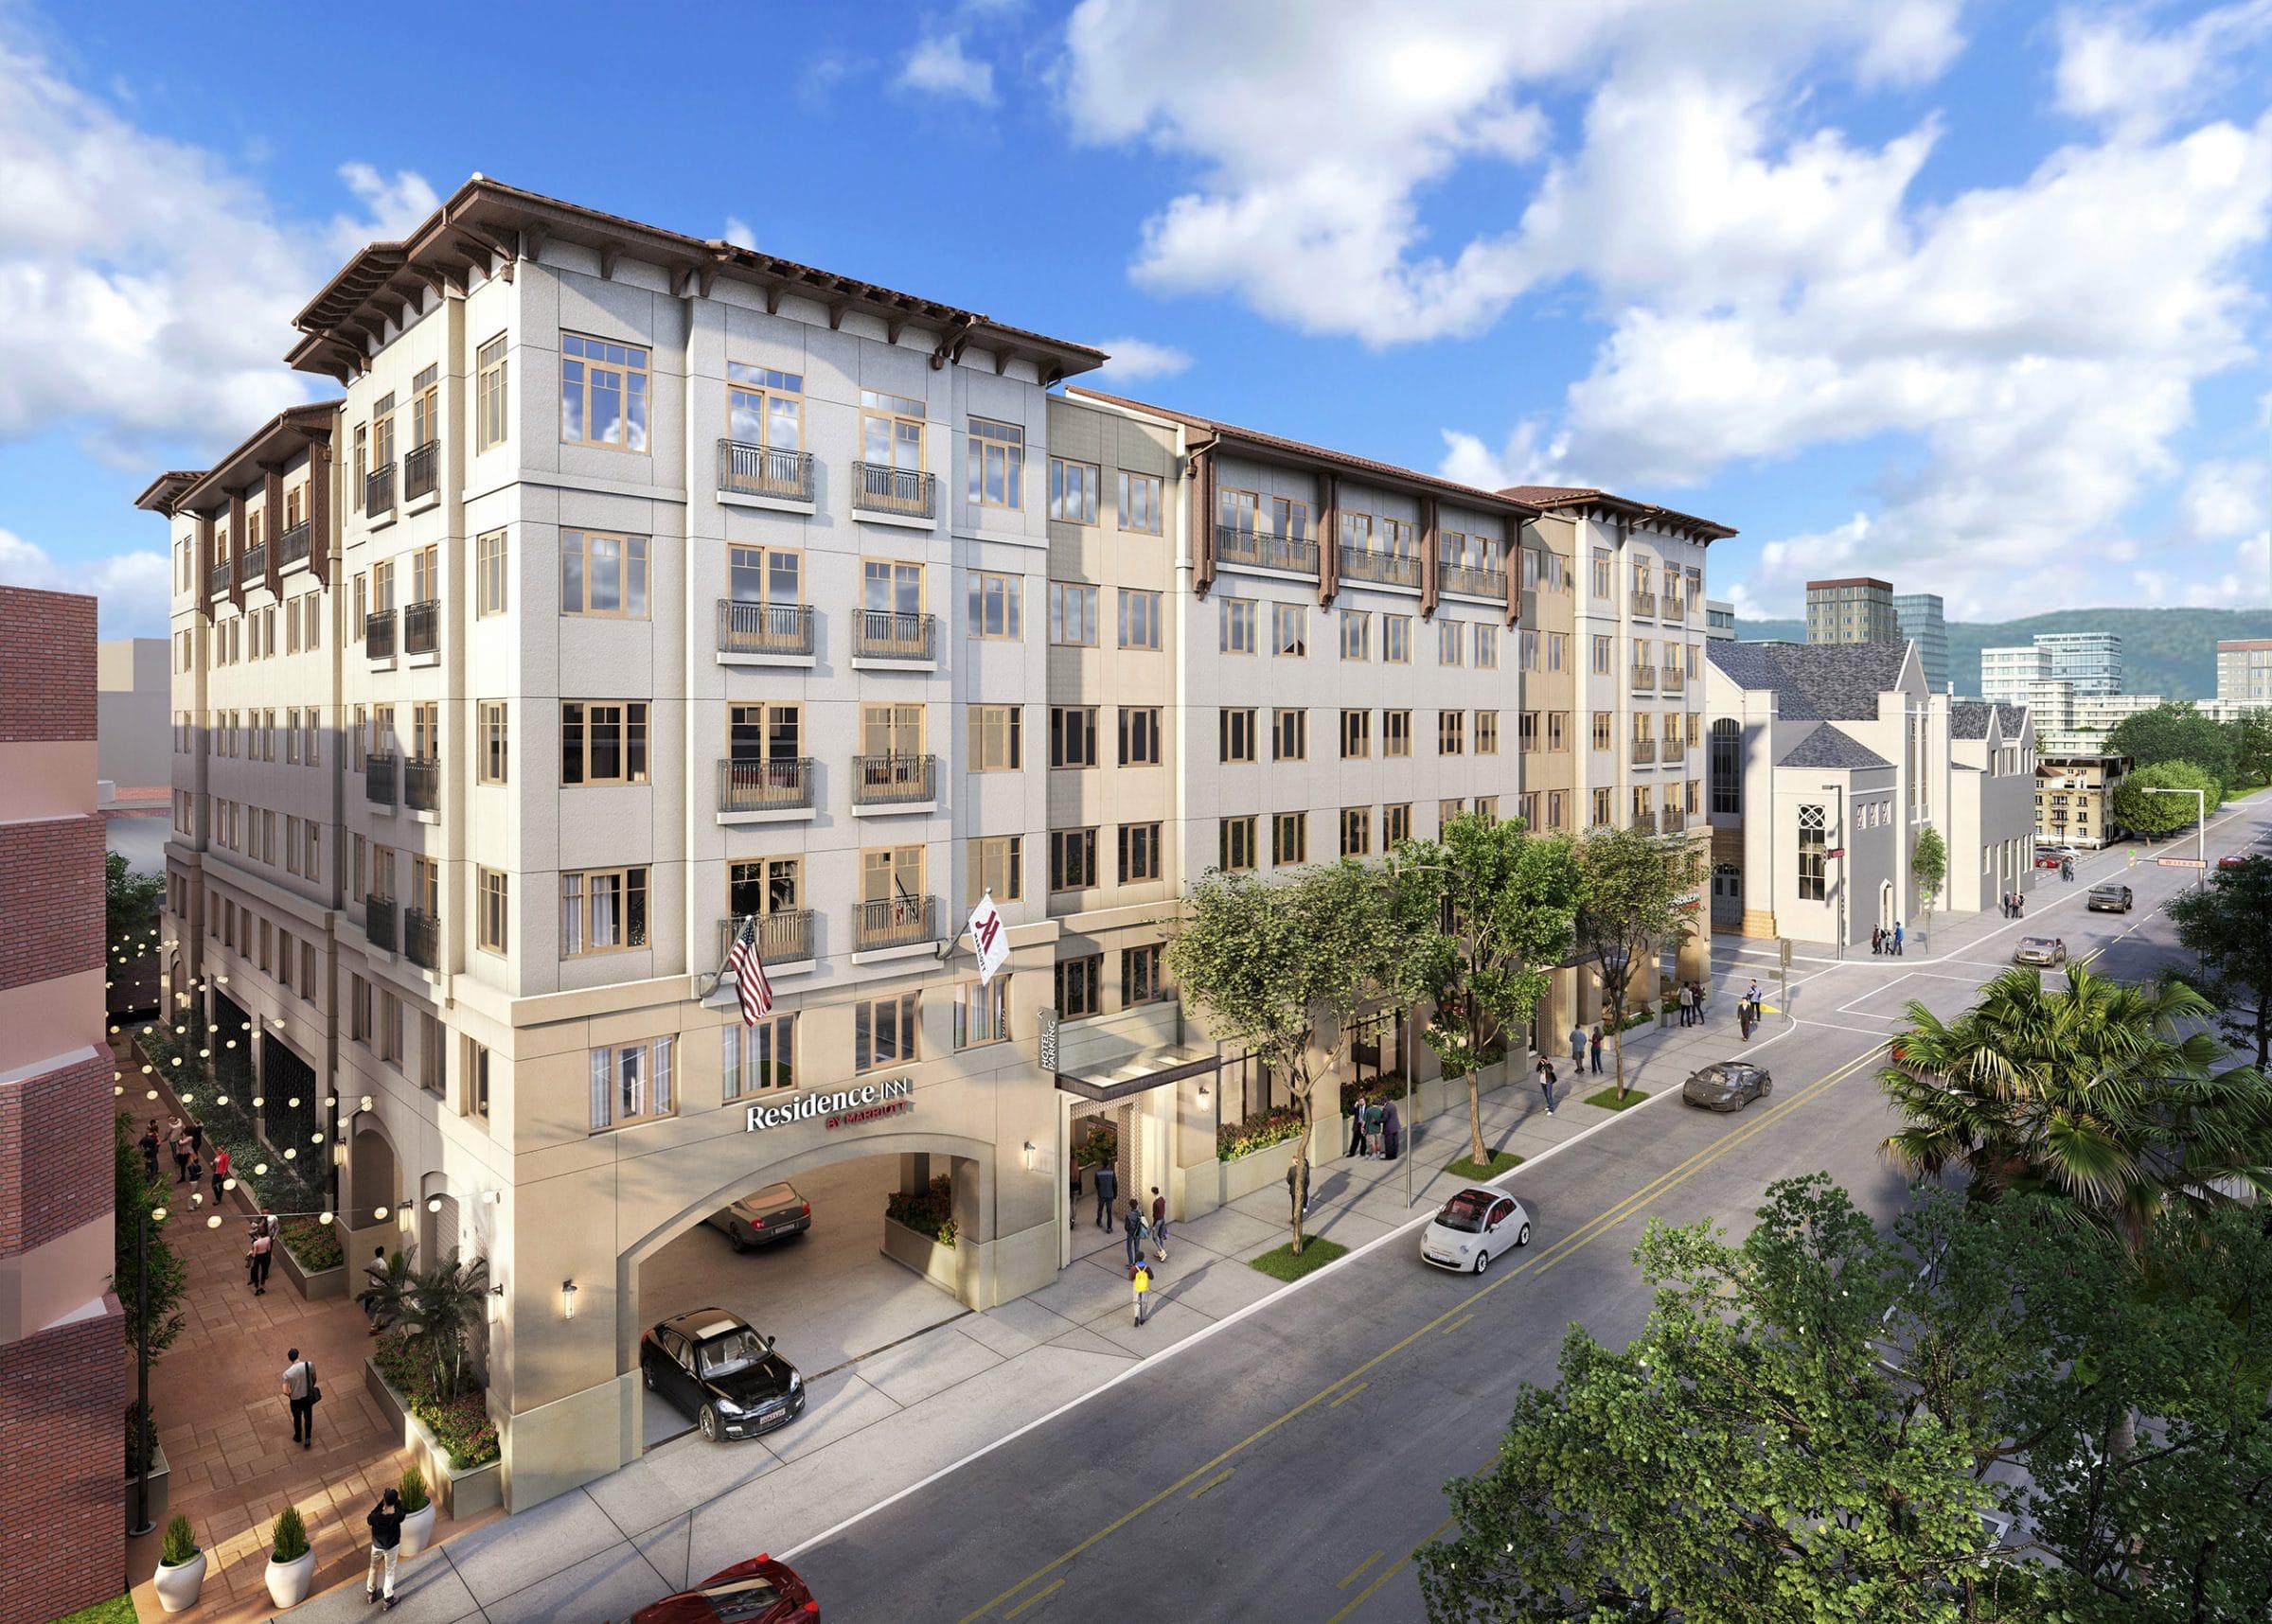 Residence Inn Glendale